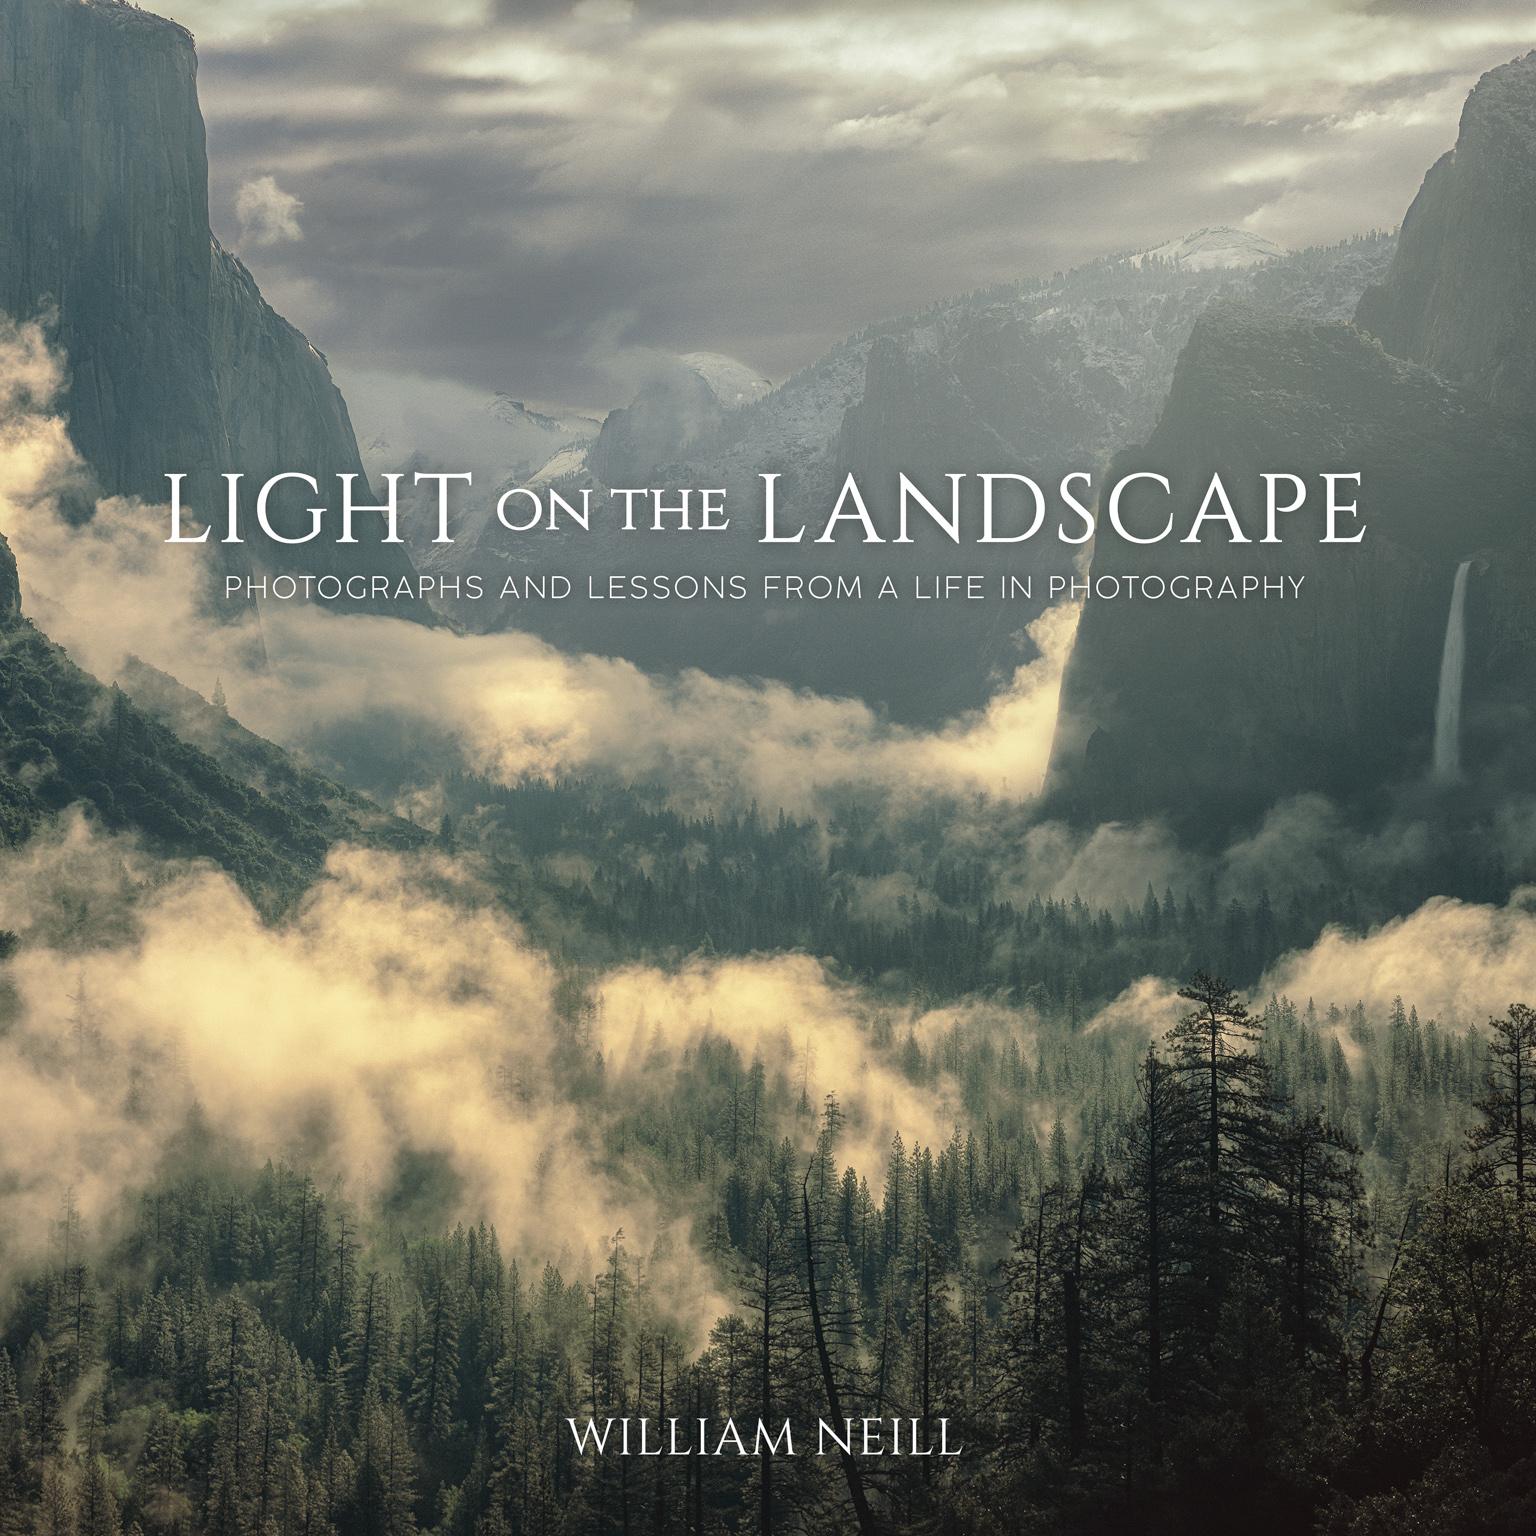 LightontheLandscape-cover-3500px-copy